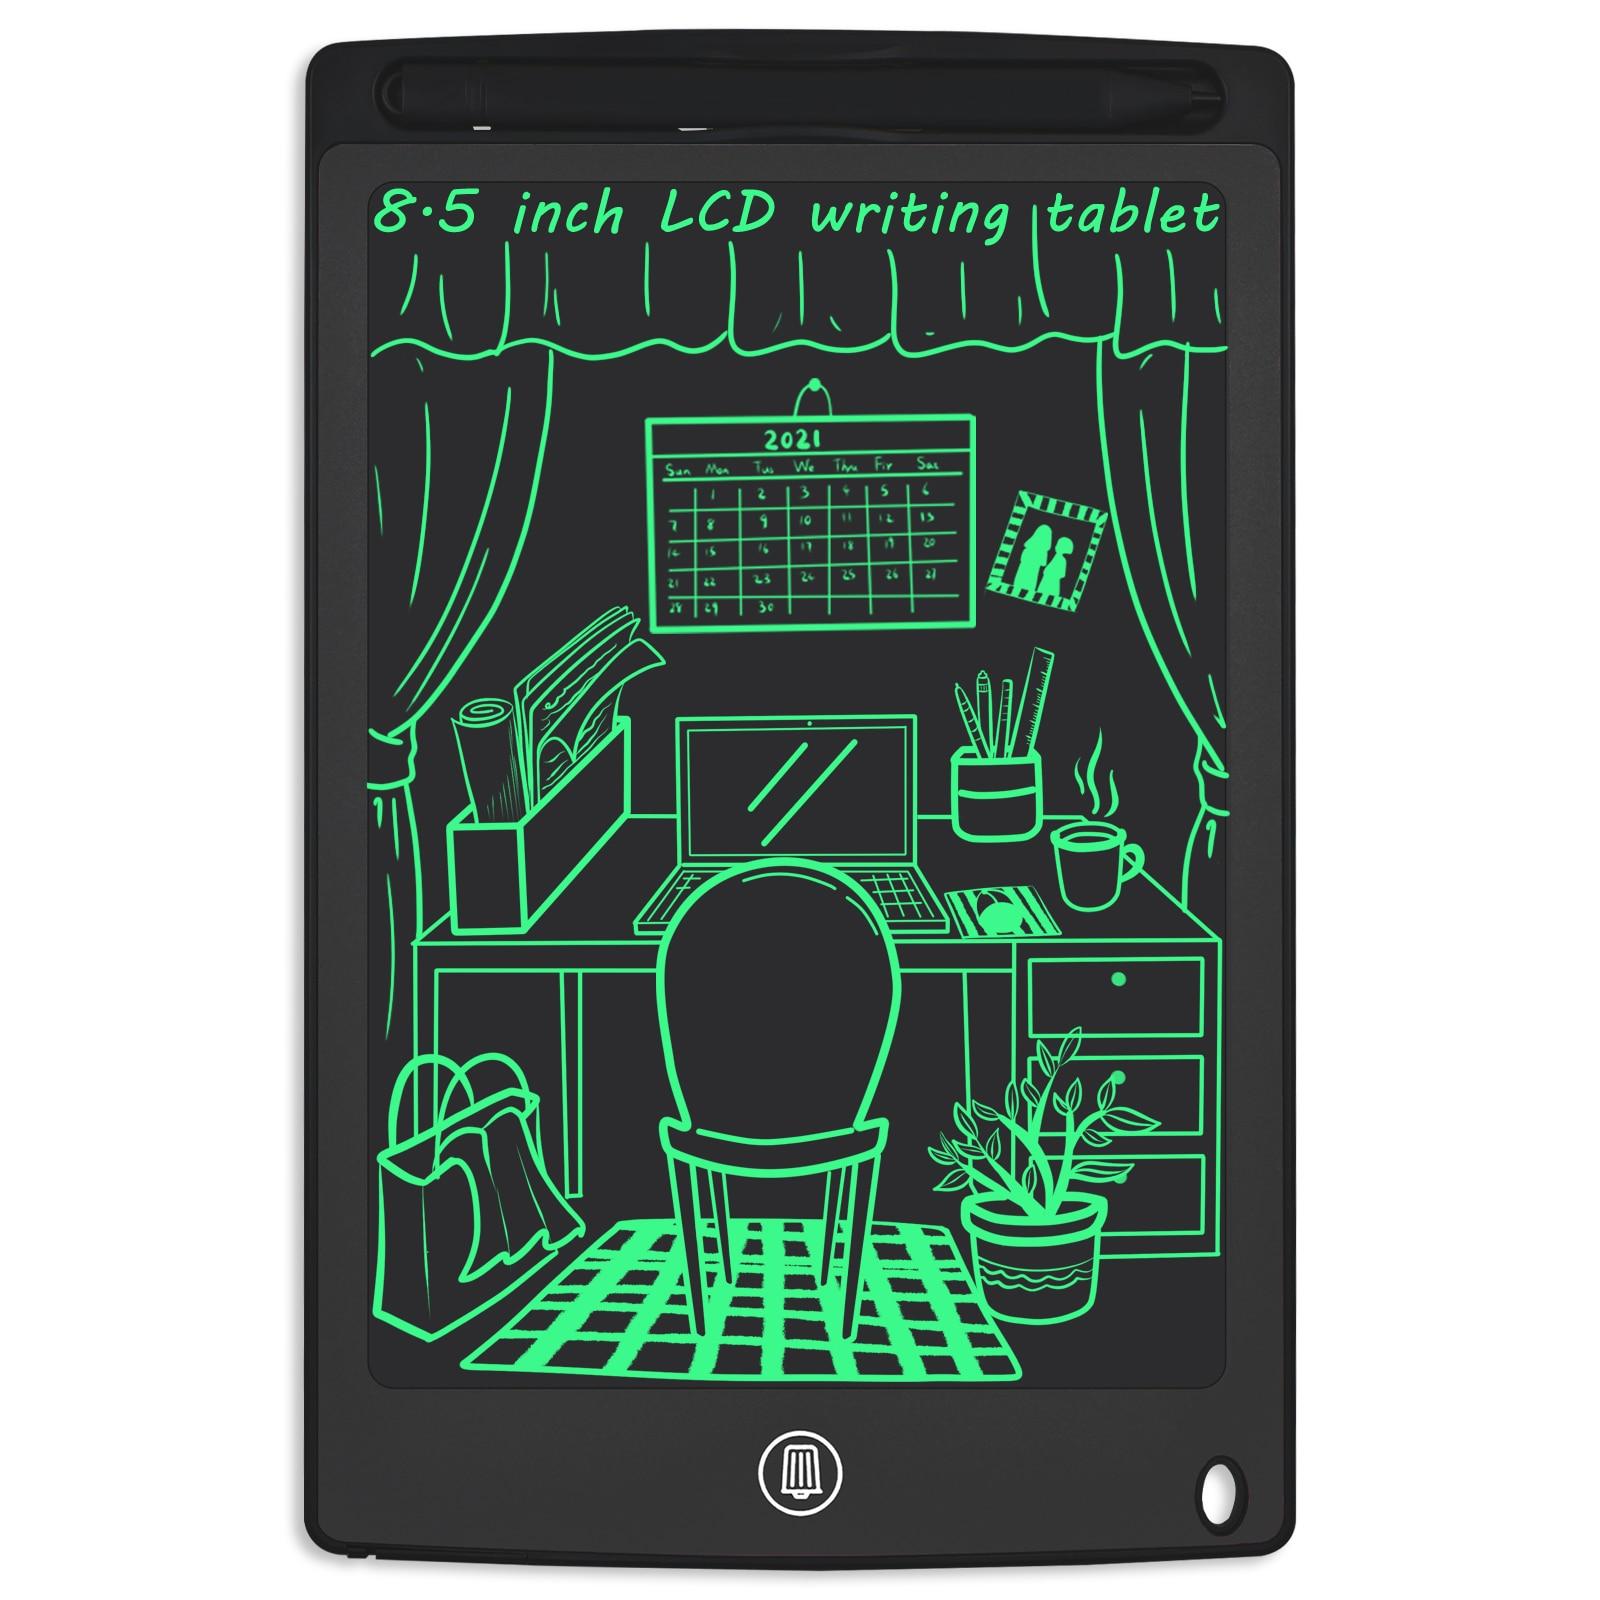 Доска для письма с ЖК планшет 8,5 дюймов электронный альбом для рисования красочные Экран рукописным вводом Рисование Memo Pad Панели для детей ...